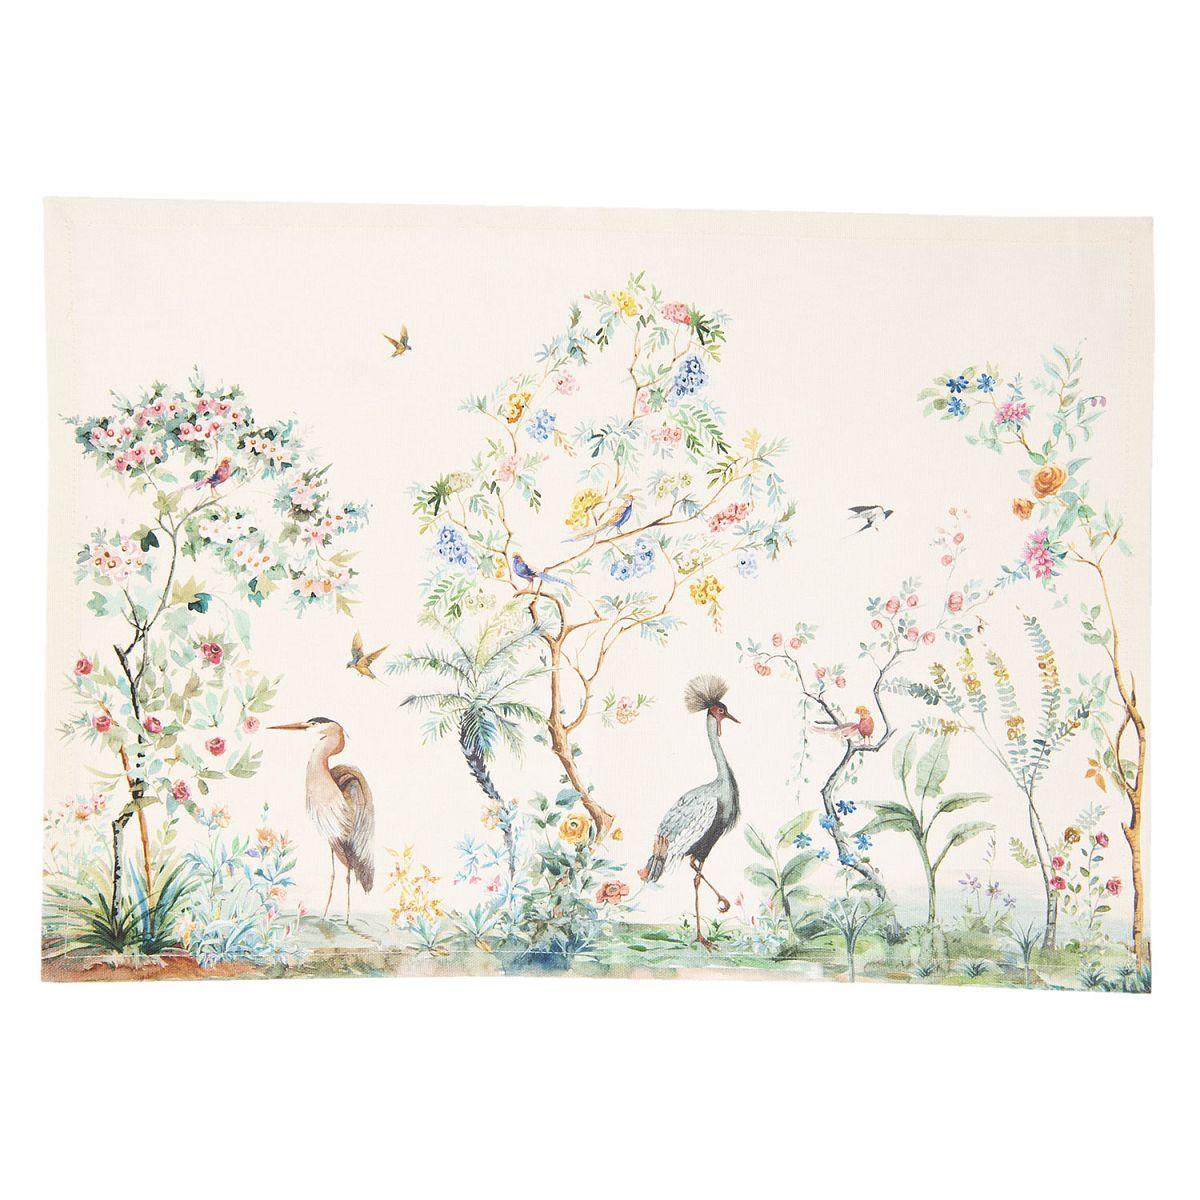 Textilní prostírání BIRDS IN PARADISE 48*33 cm - sada 6 kusů